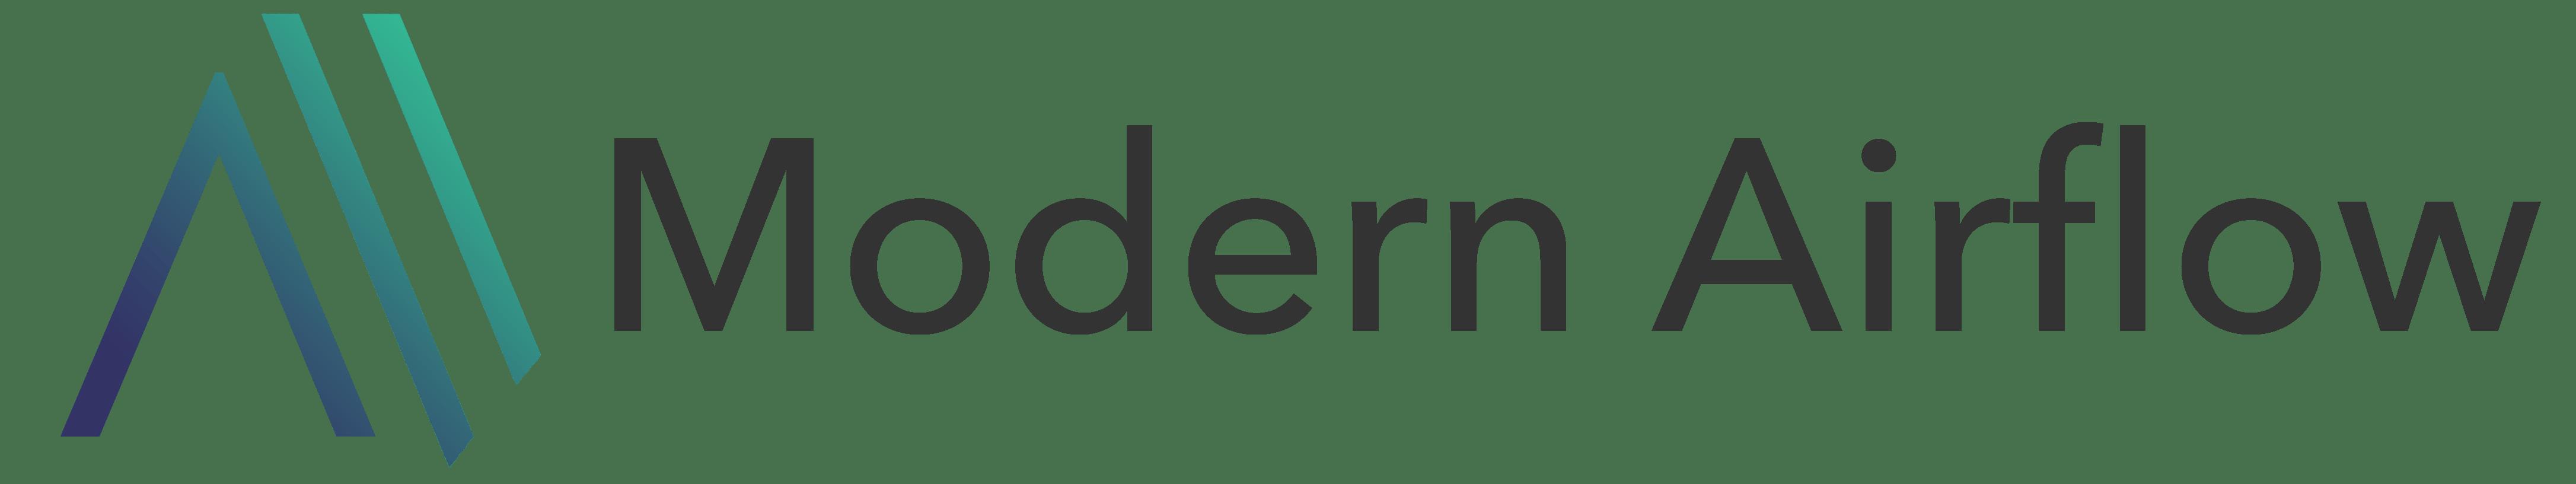 Modern Airflow